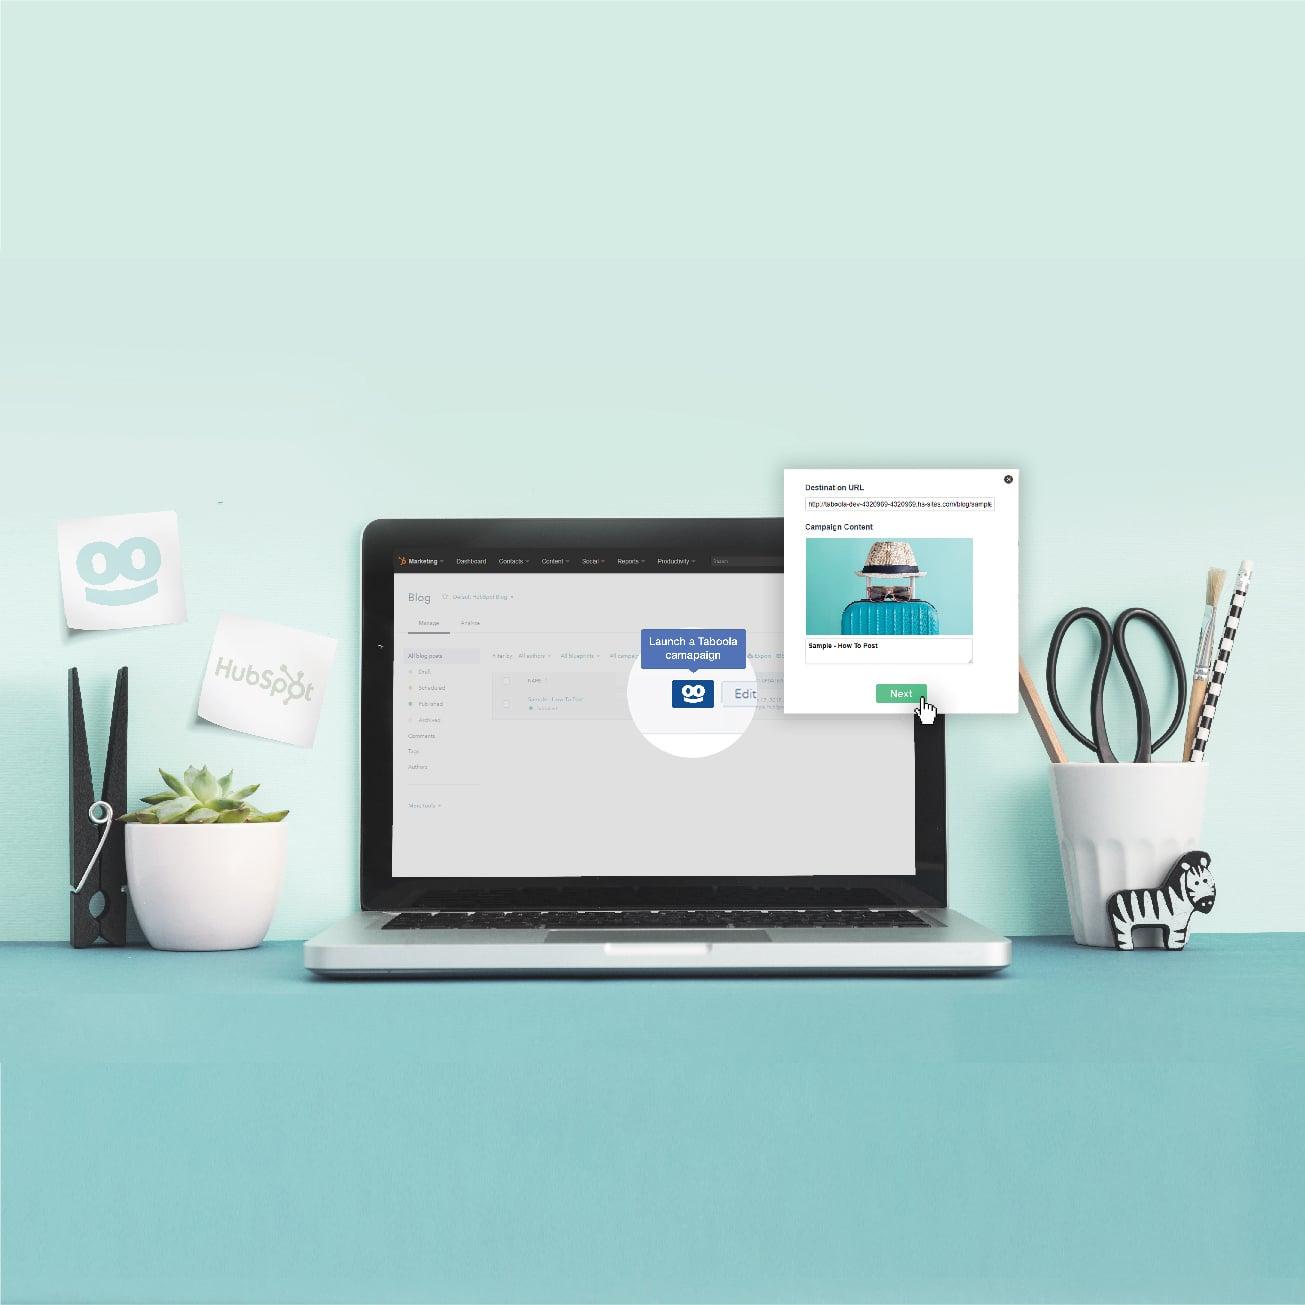 Hubspot & Taboola ouvrent la découverte de contenu à plus de 40,000 marques